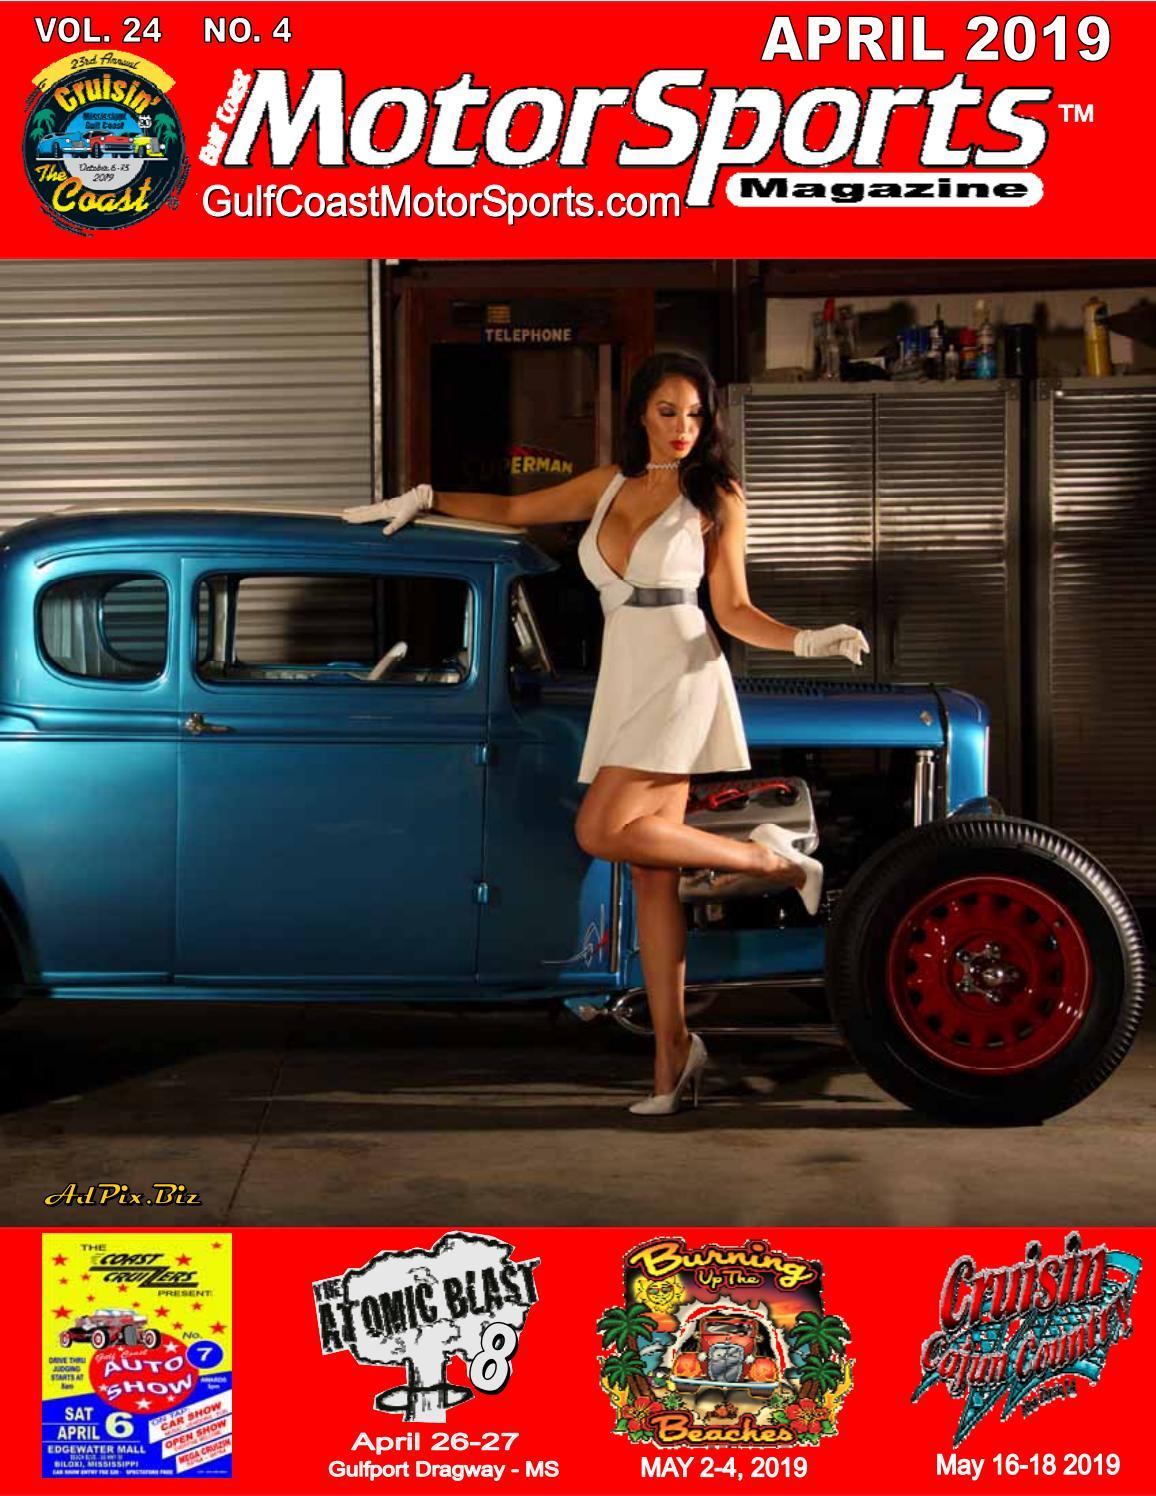 Gulf Coast MotorSports Magazine April 2019 By Jimbo